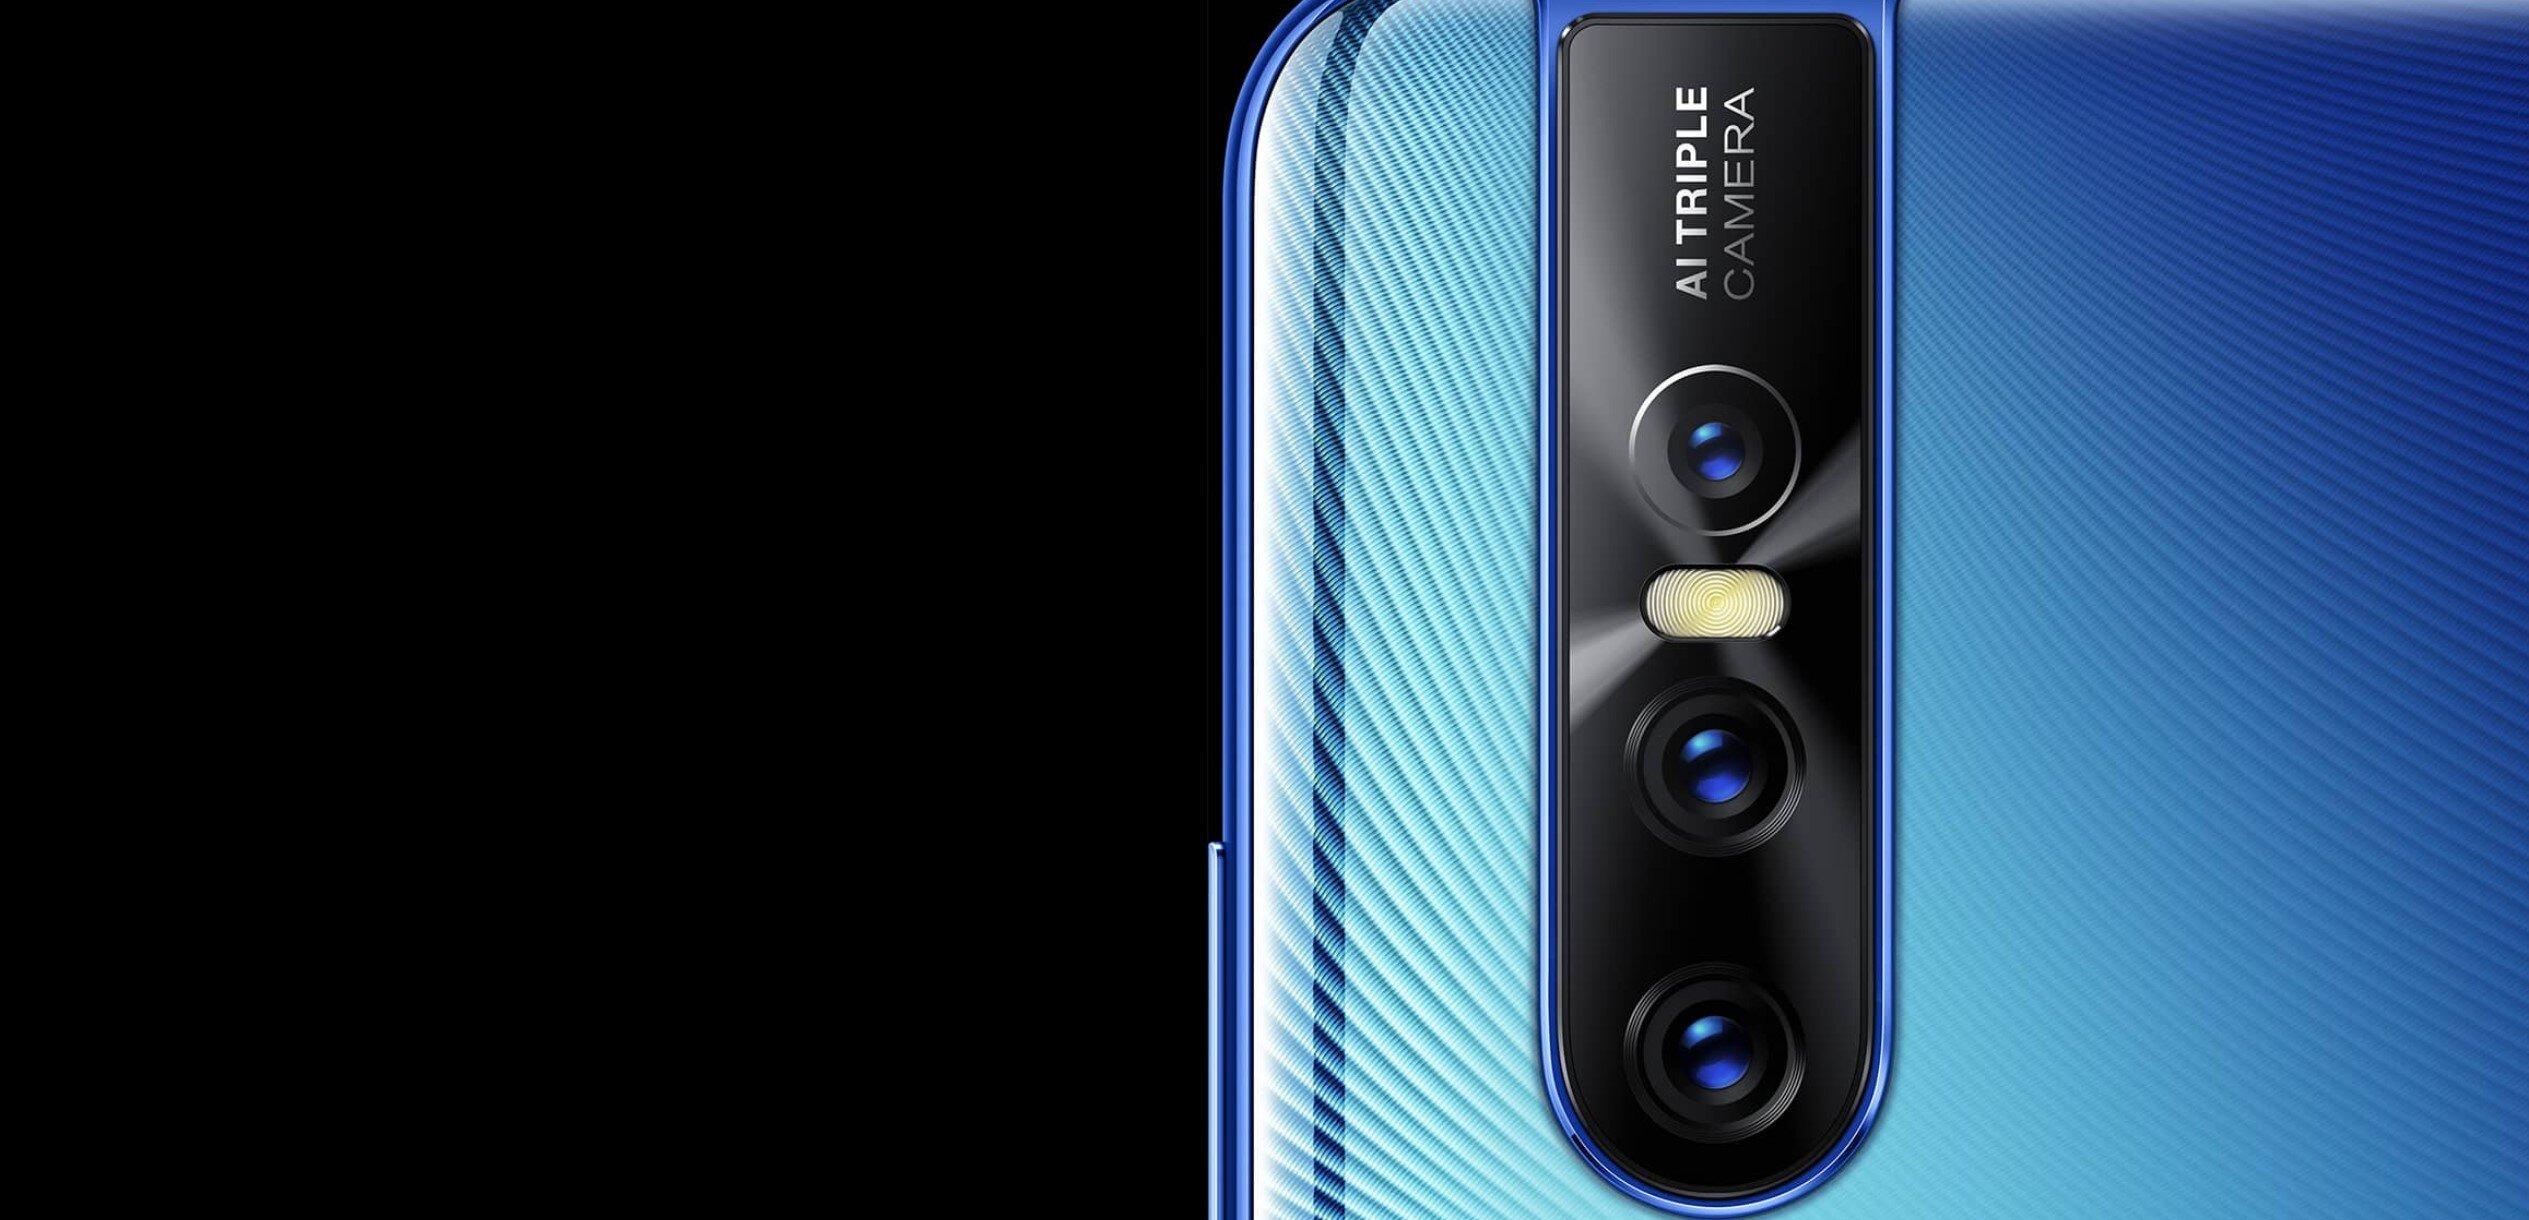 Vivo V15 Pro trang bị 3 camera với độ phân giải lên đến 48MP